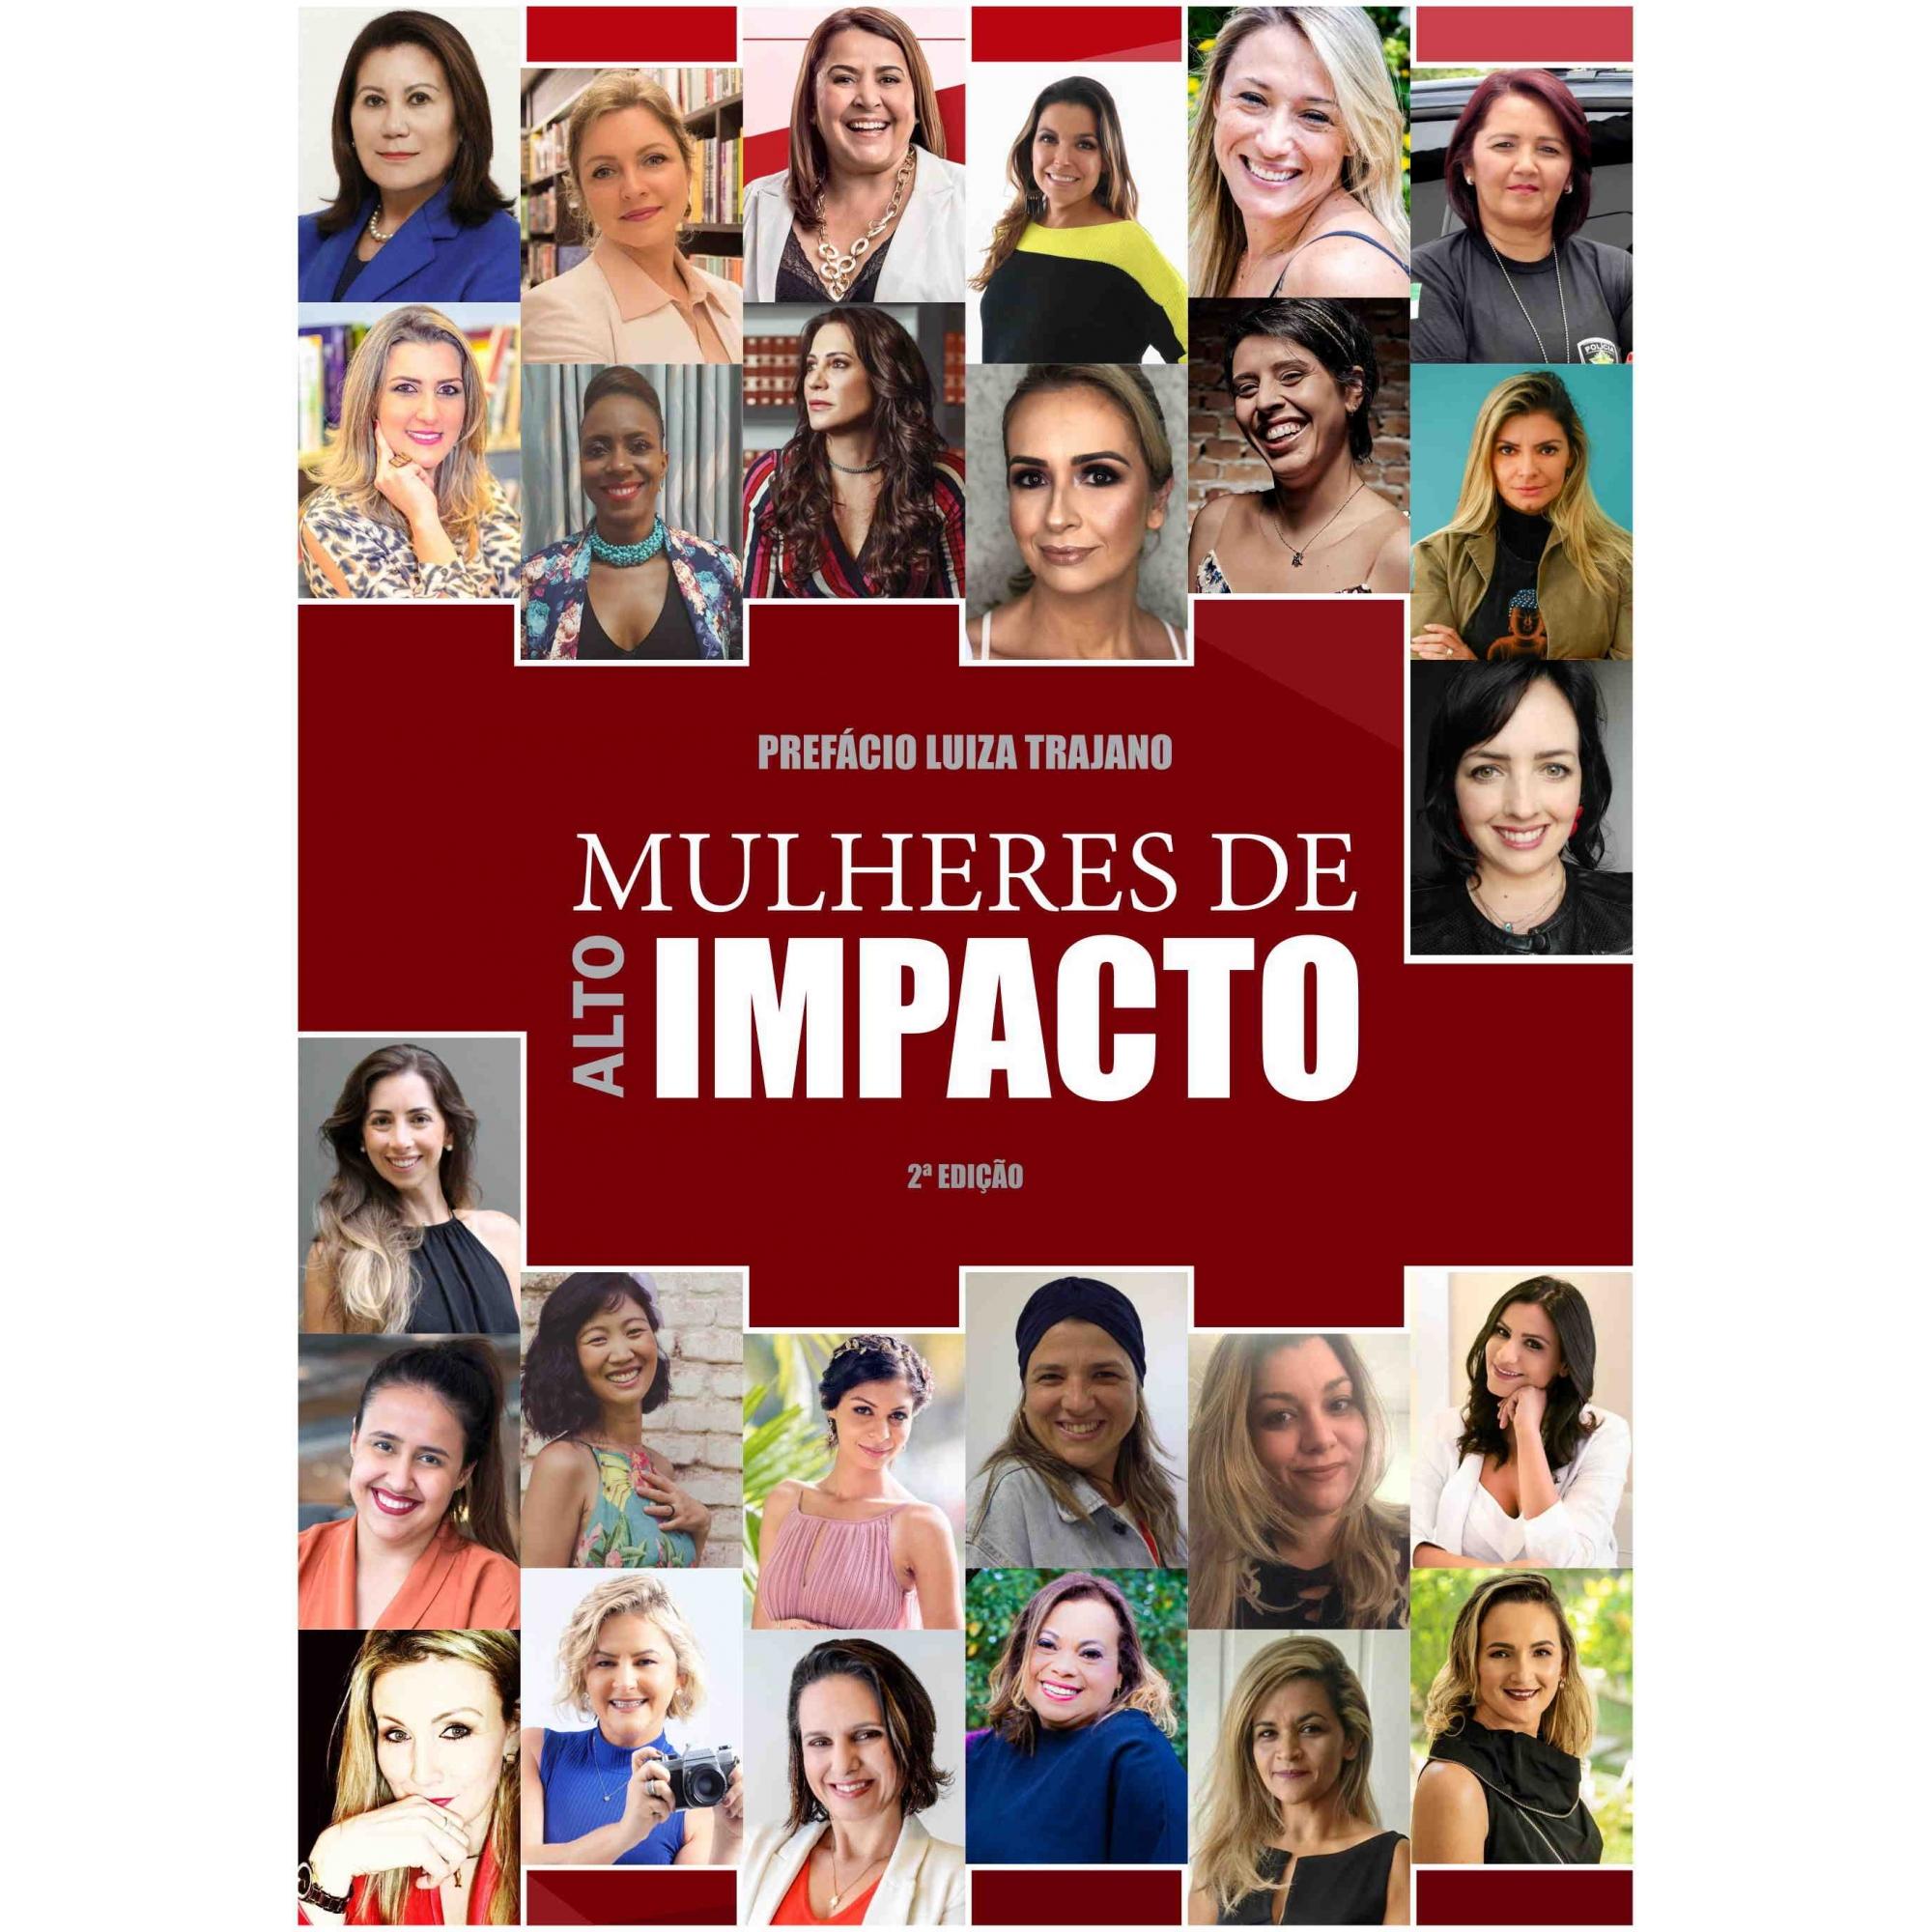 LIVRO MULHERES DE ALTO IMPACTO - 2ª EDIÇÃO